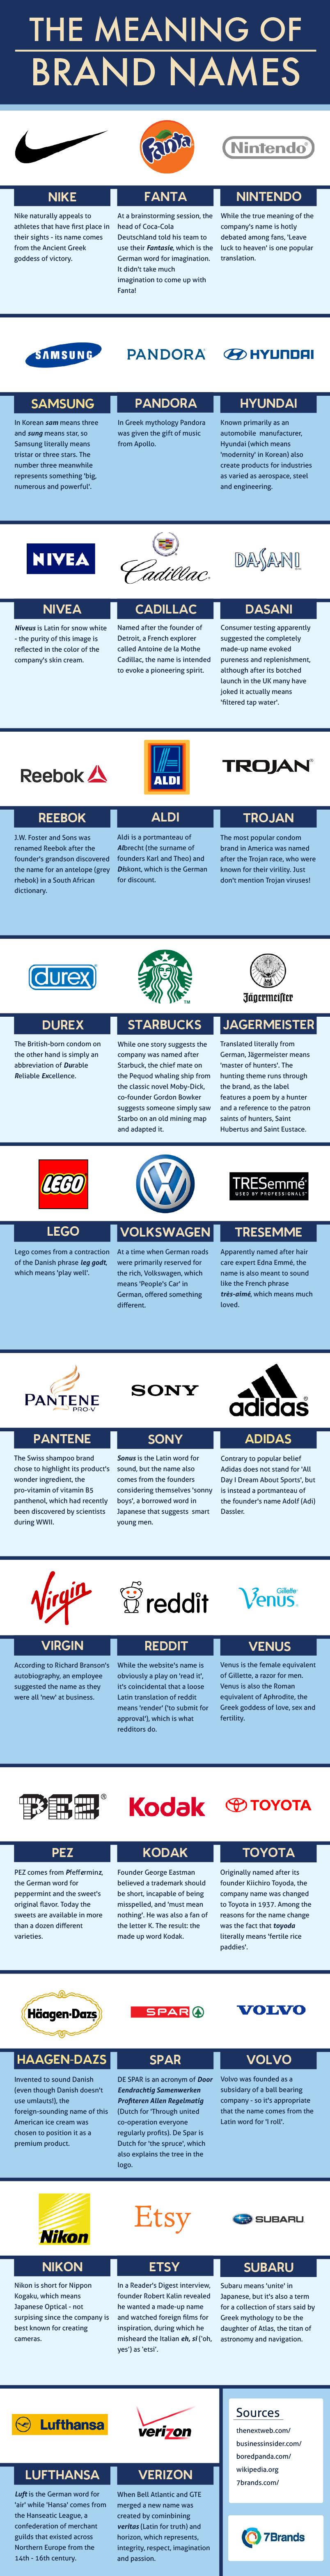 El significado de los nombres de algunas marcas